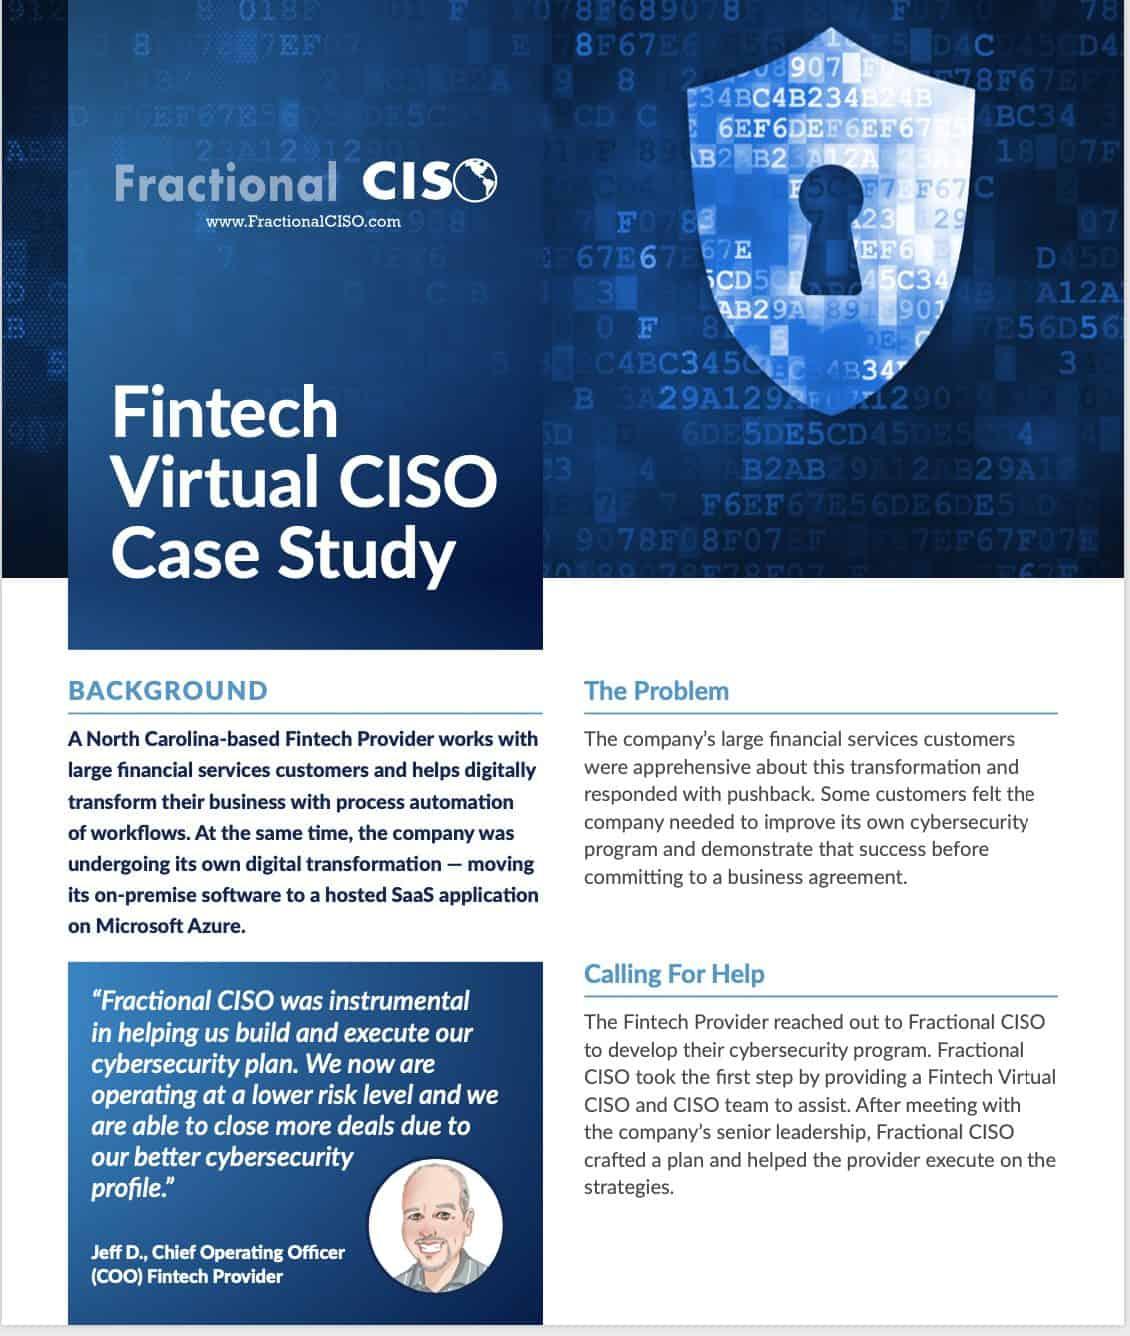 Fintech-Virtual CISO Case Study